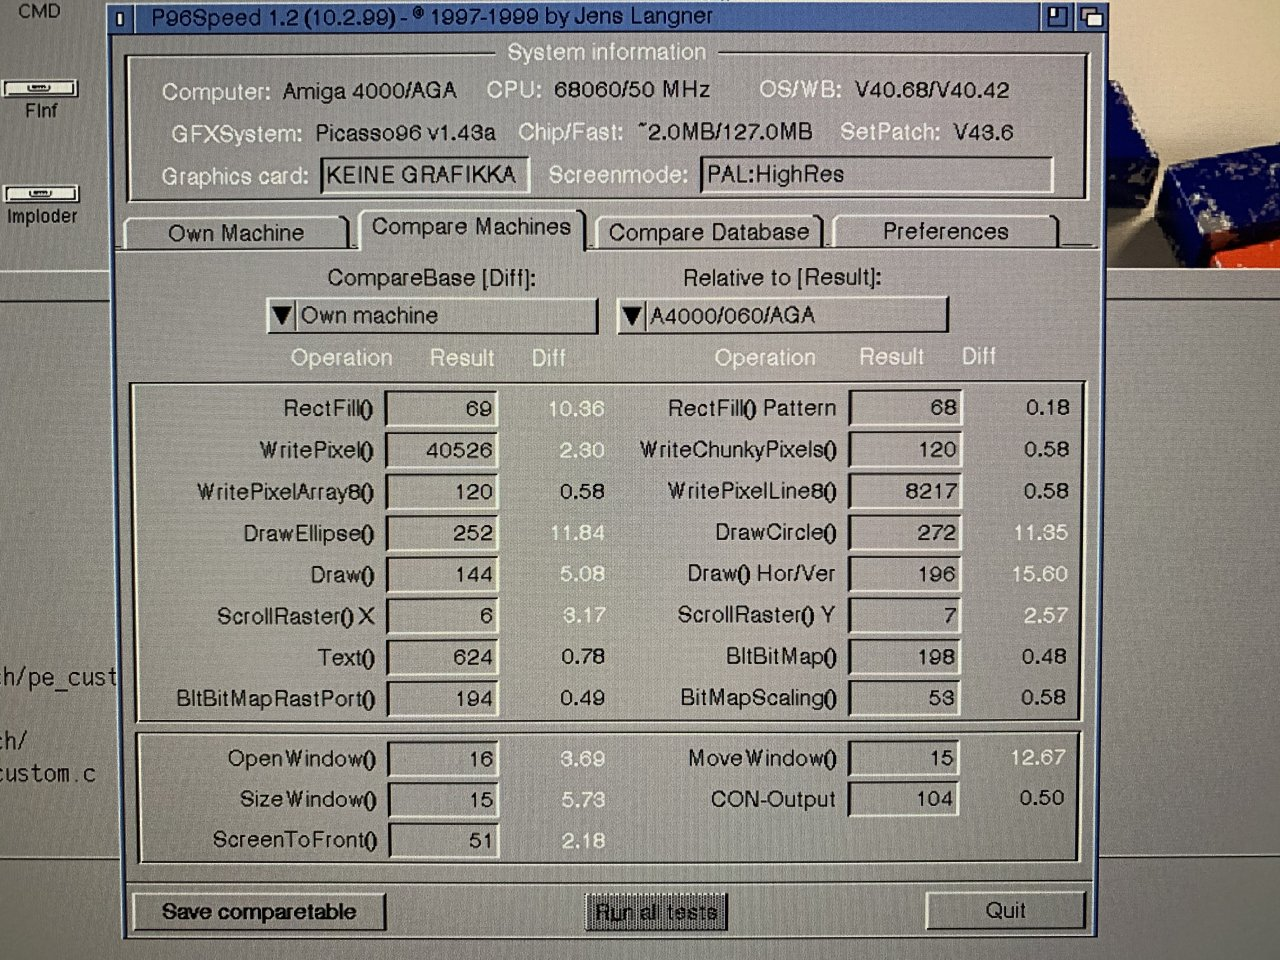 Klikněte na obrázek pro zobrazení větší verze  Název: C513B9D9-B0D9-47E7-8845-711A9CAD622E.jpeg Zobrazeno: 46 Velikost: 325,9 KB ID: 9626